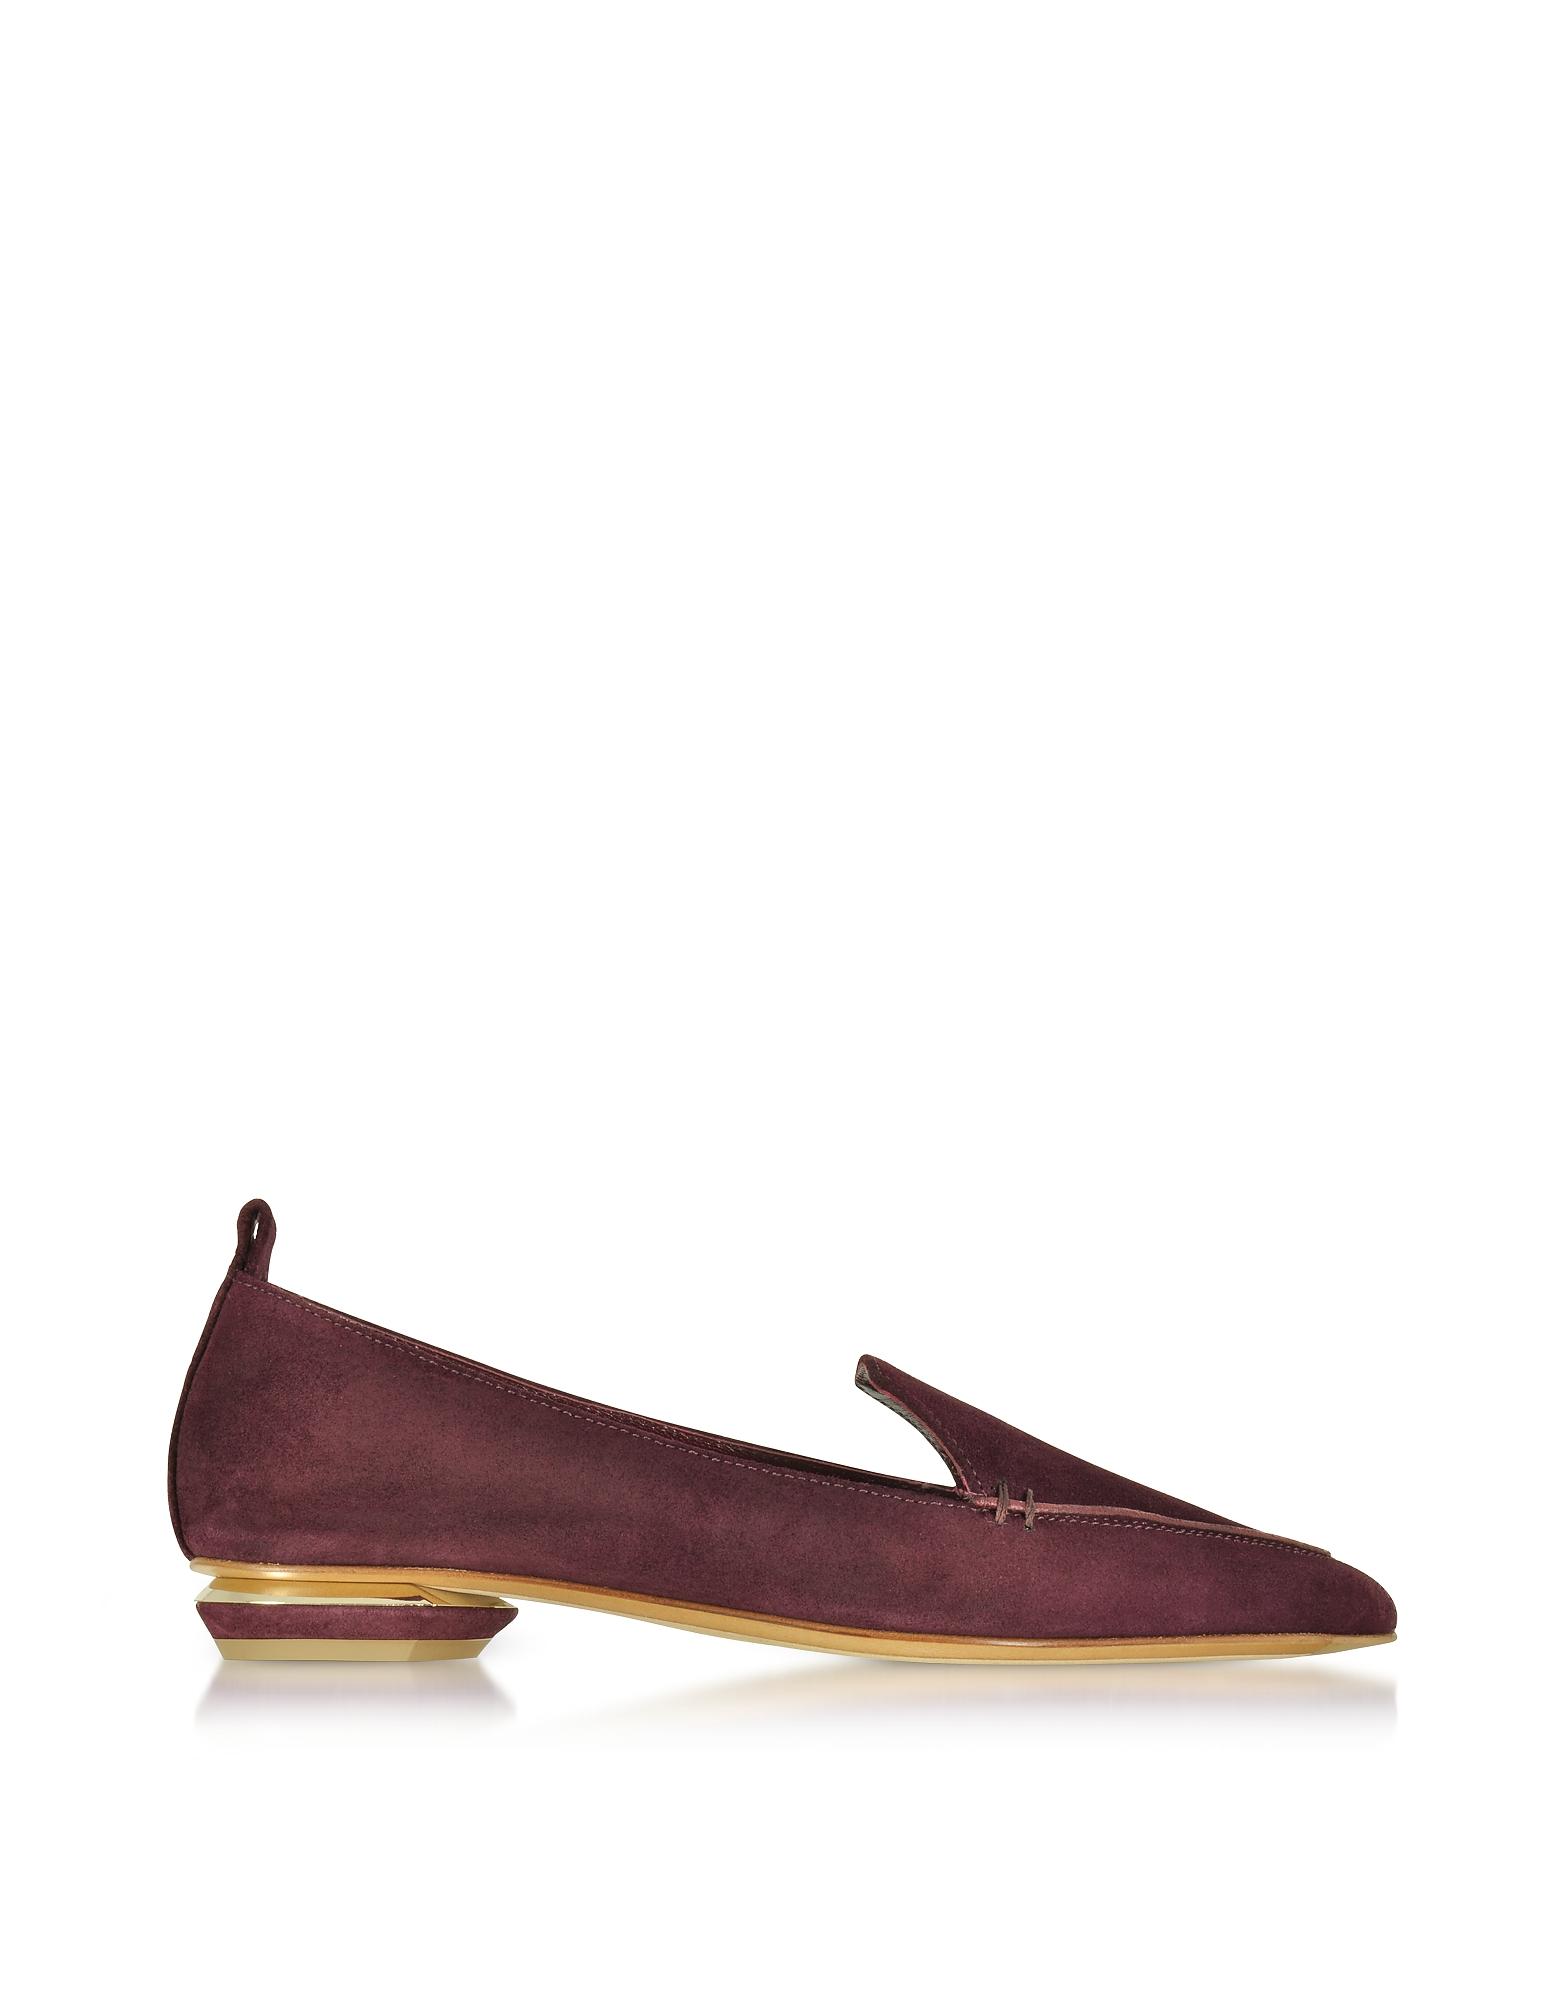 Nicholas Kirkwood Shoes, Beya Deep Plum Suede Loafer